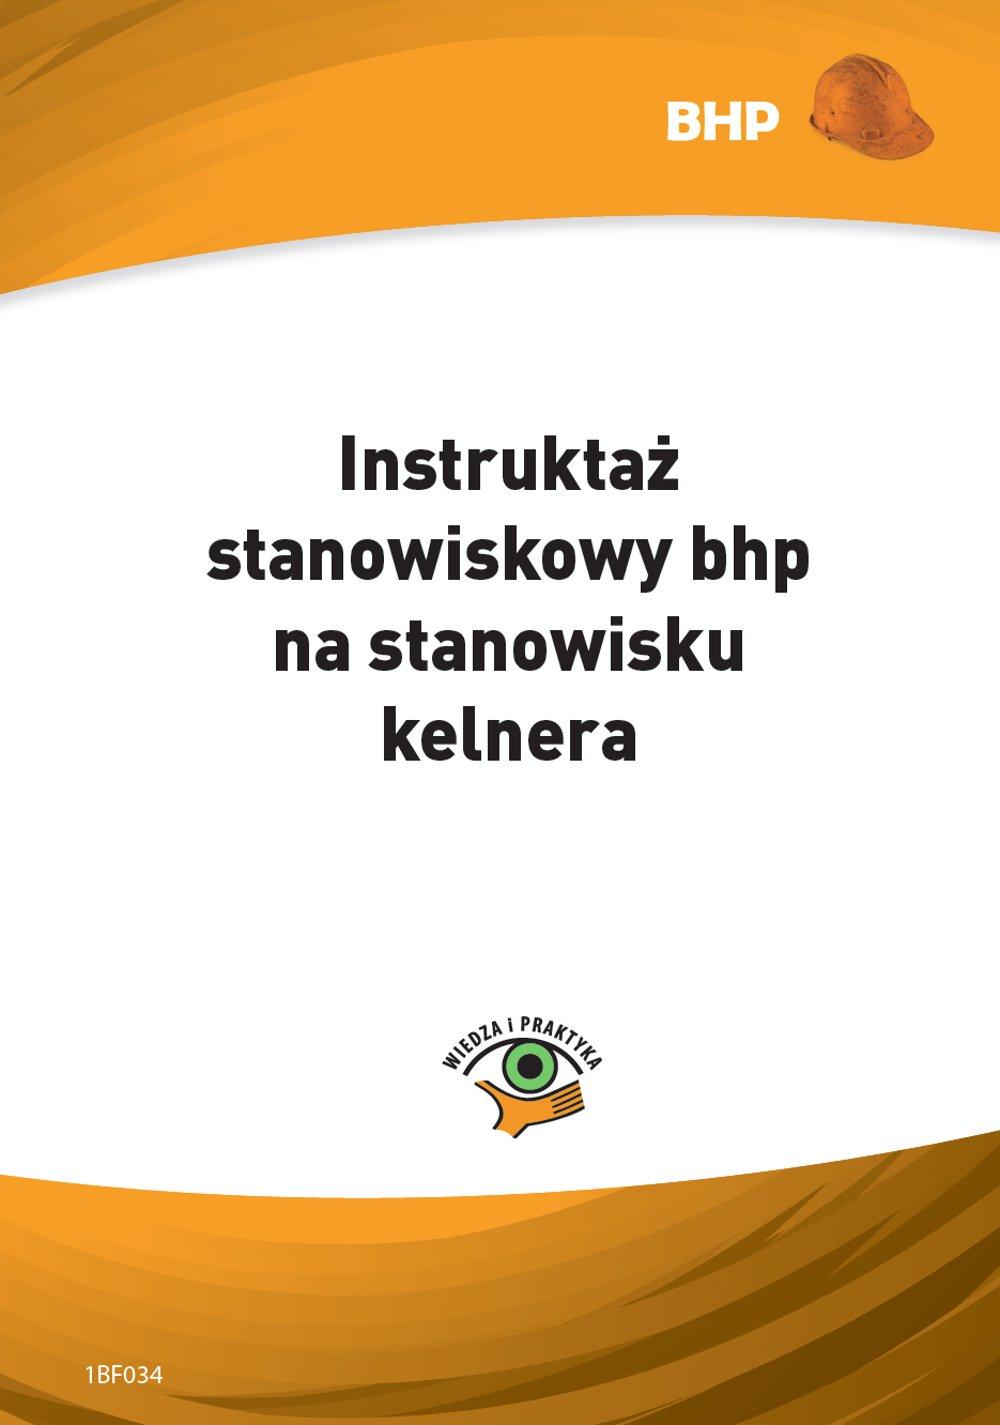 Instruktaż stanowiskowy bhp na stanowisku kelnera - Ebook (Książka PDF) do pobrania w formacie PDF